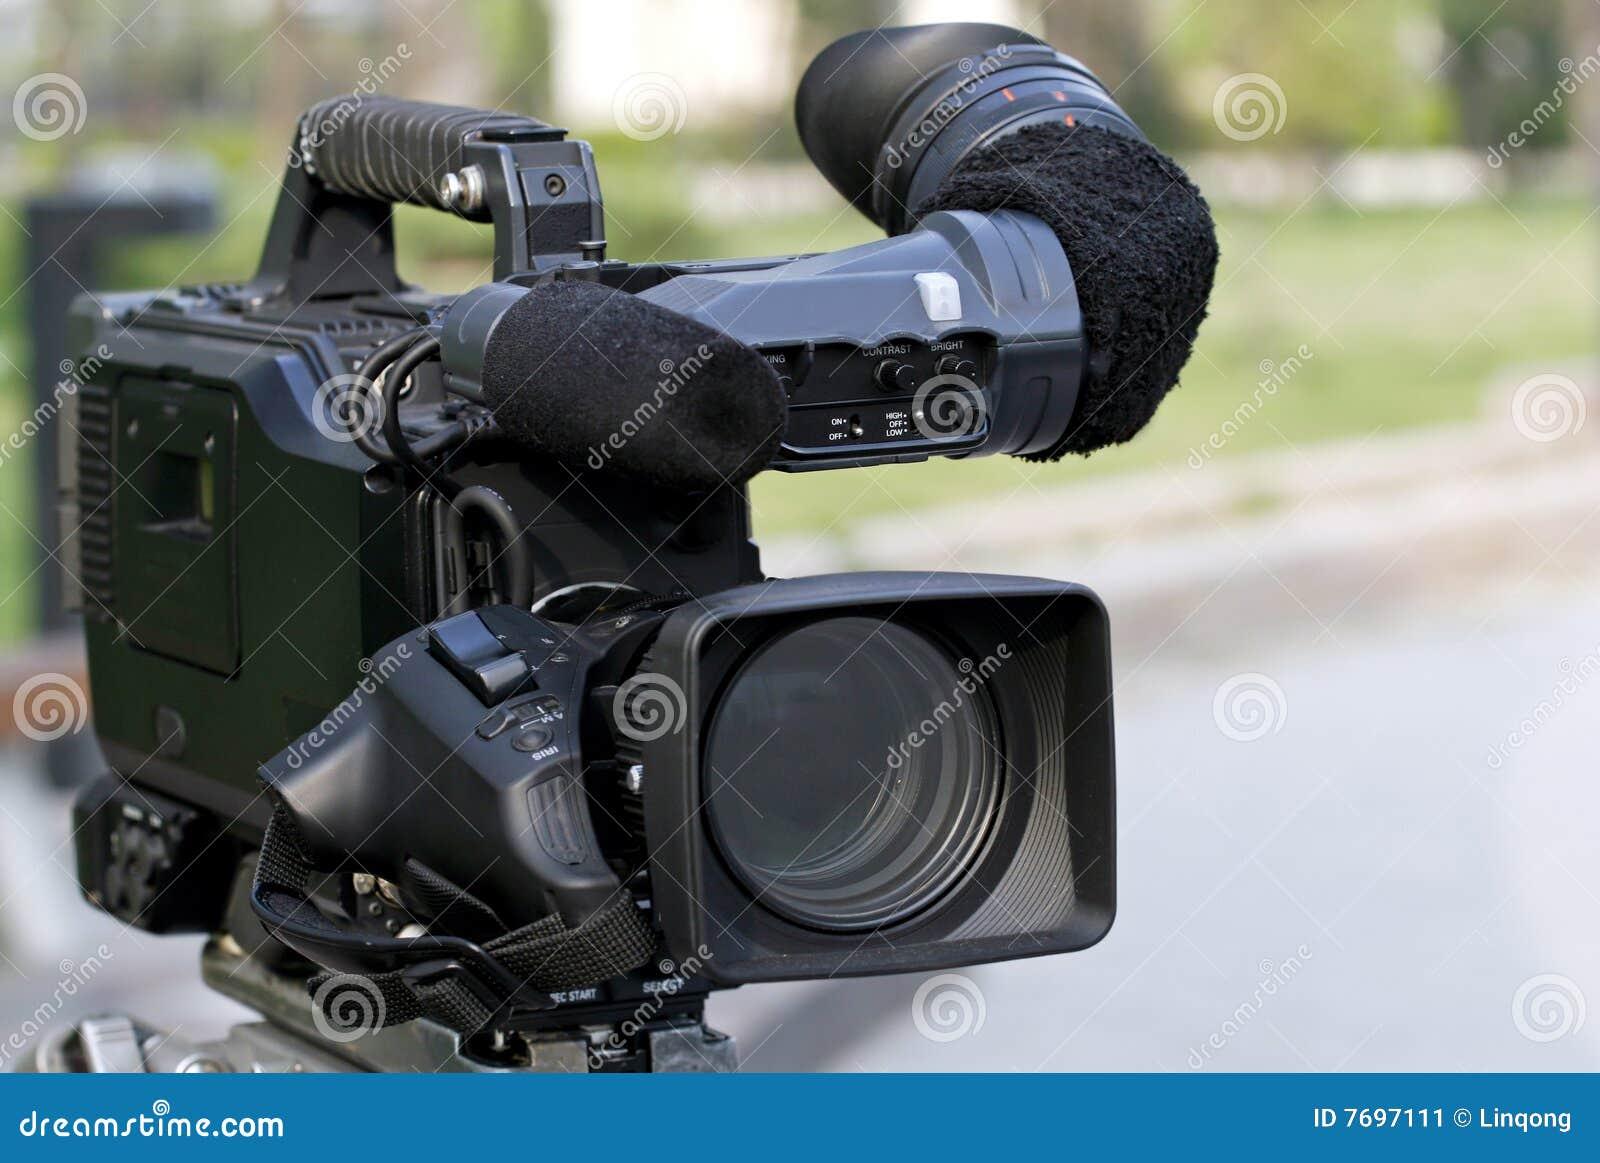 Câmara de vídeo profissional.